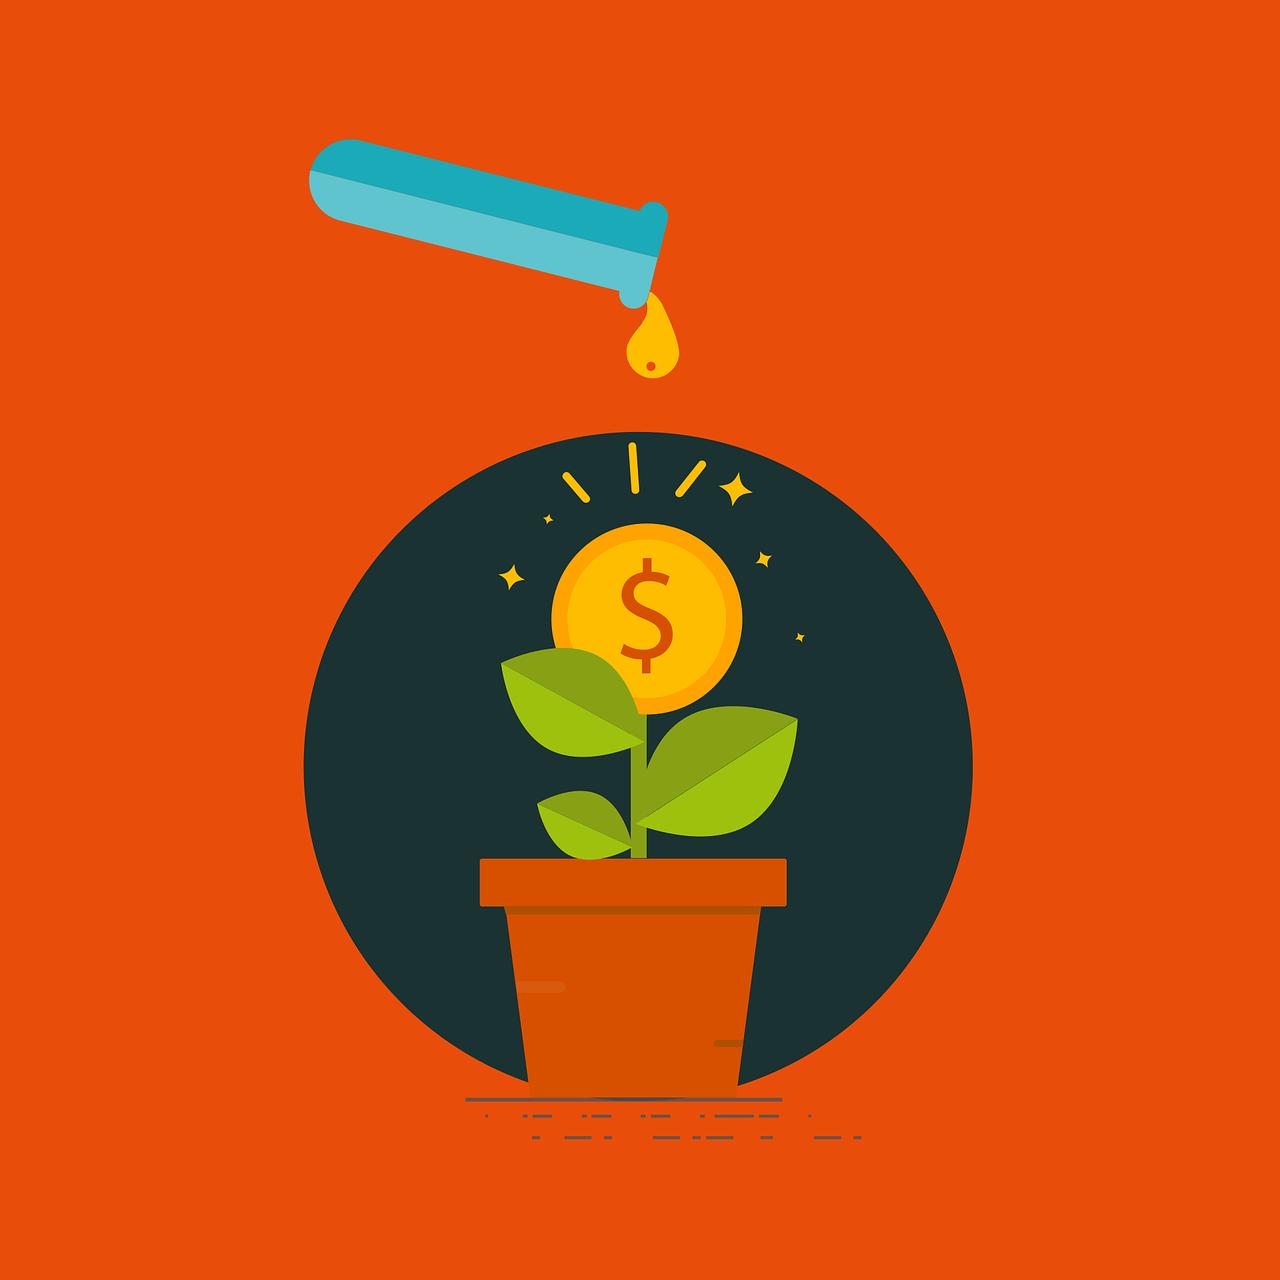 Investera för att förbättra din avkastning på kapital